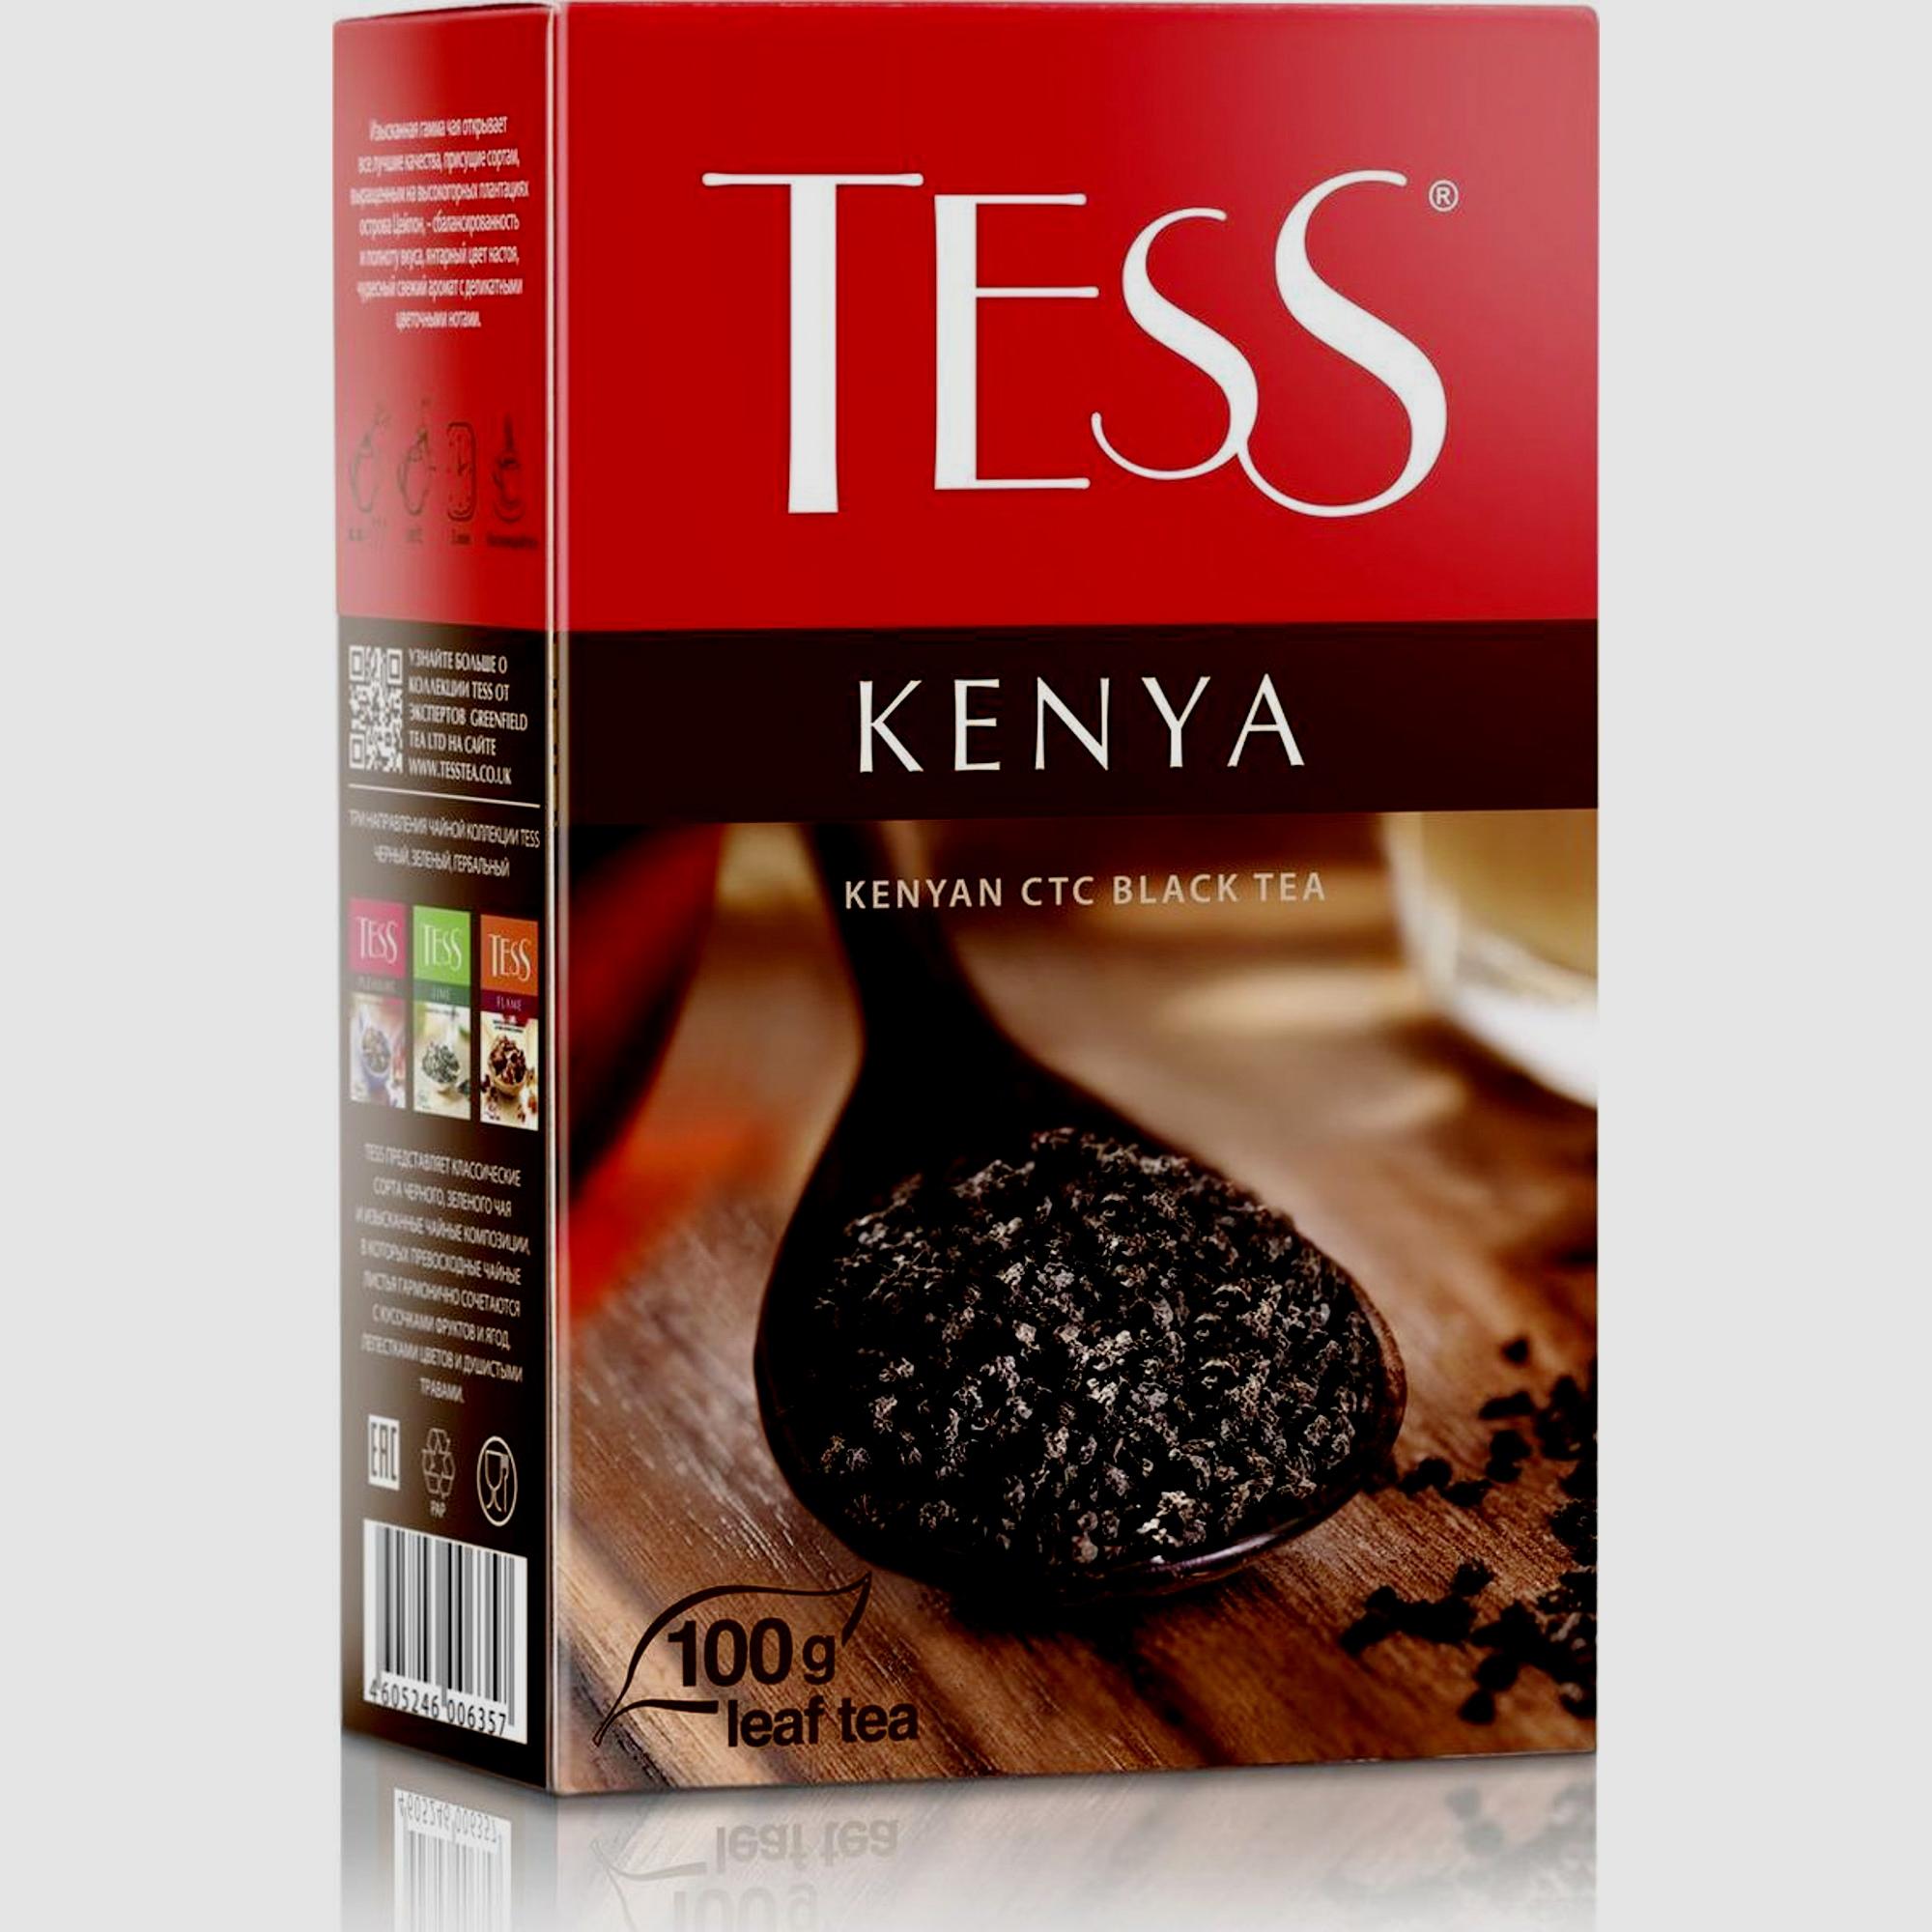 Tess Kenya